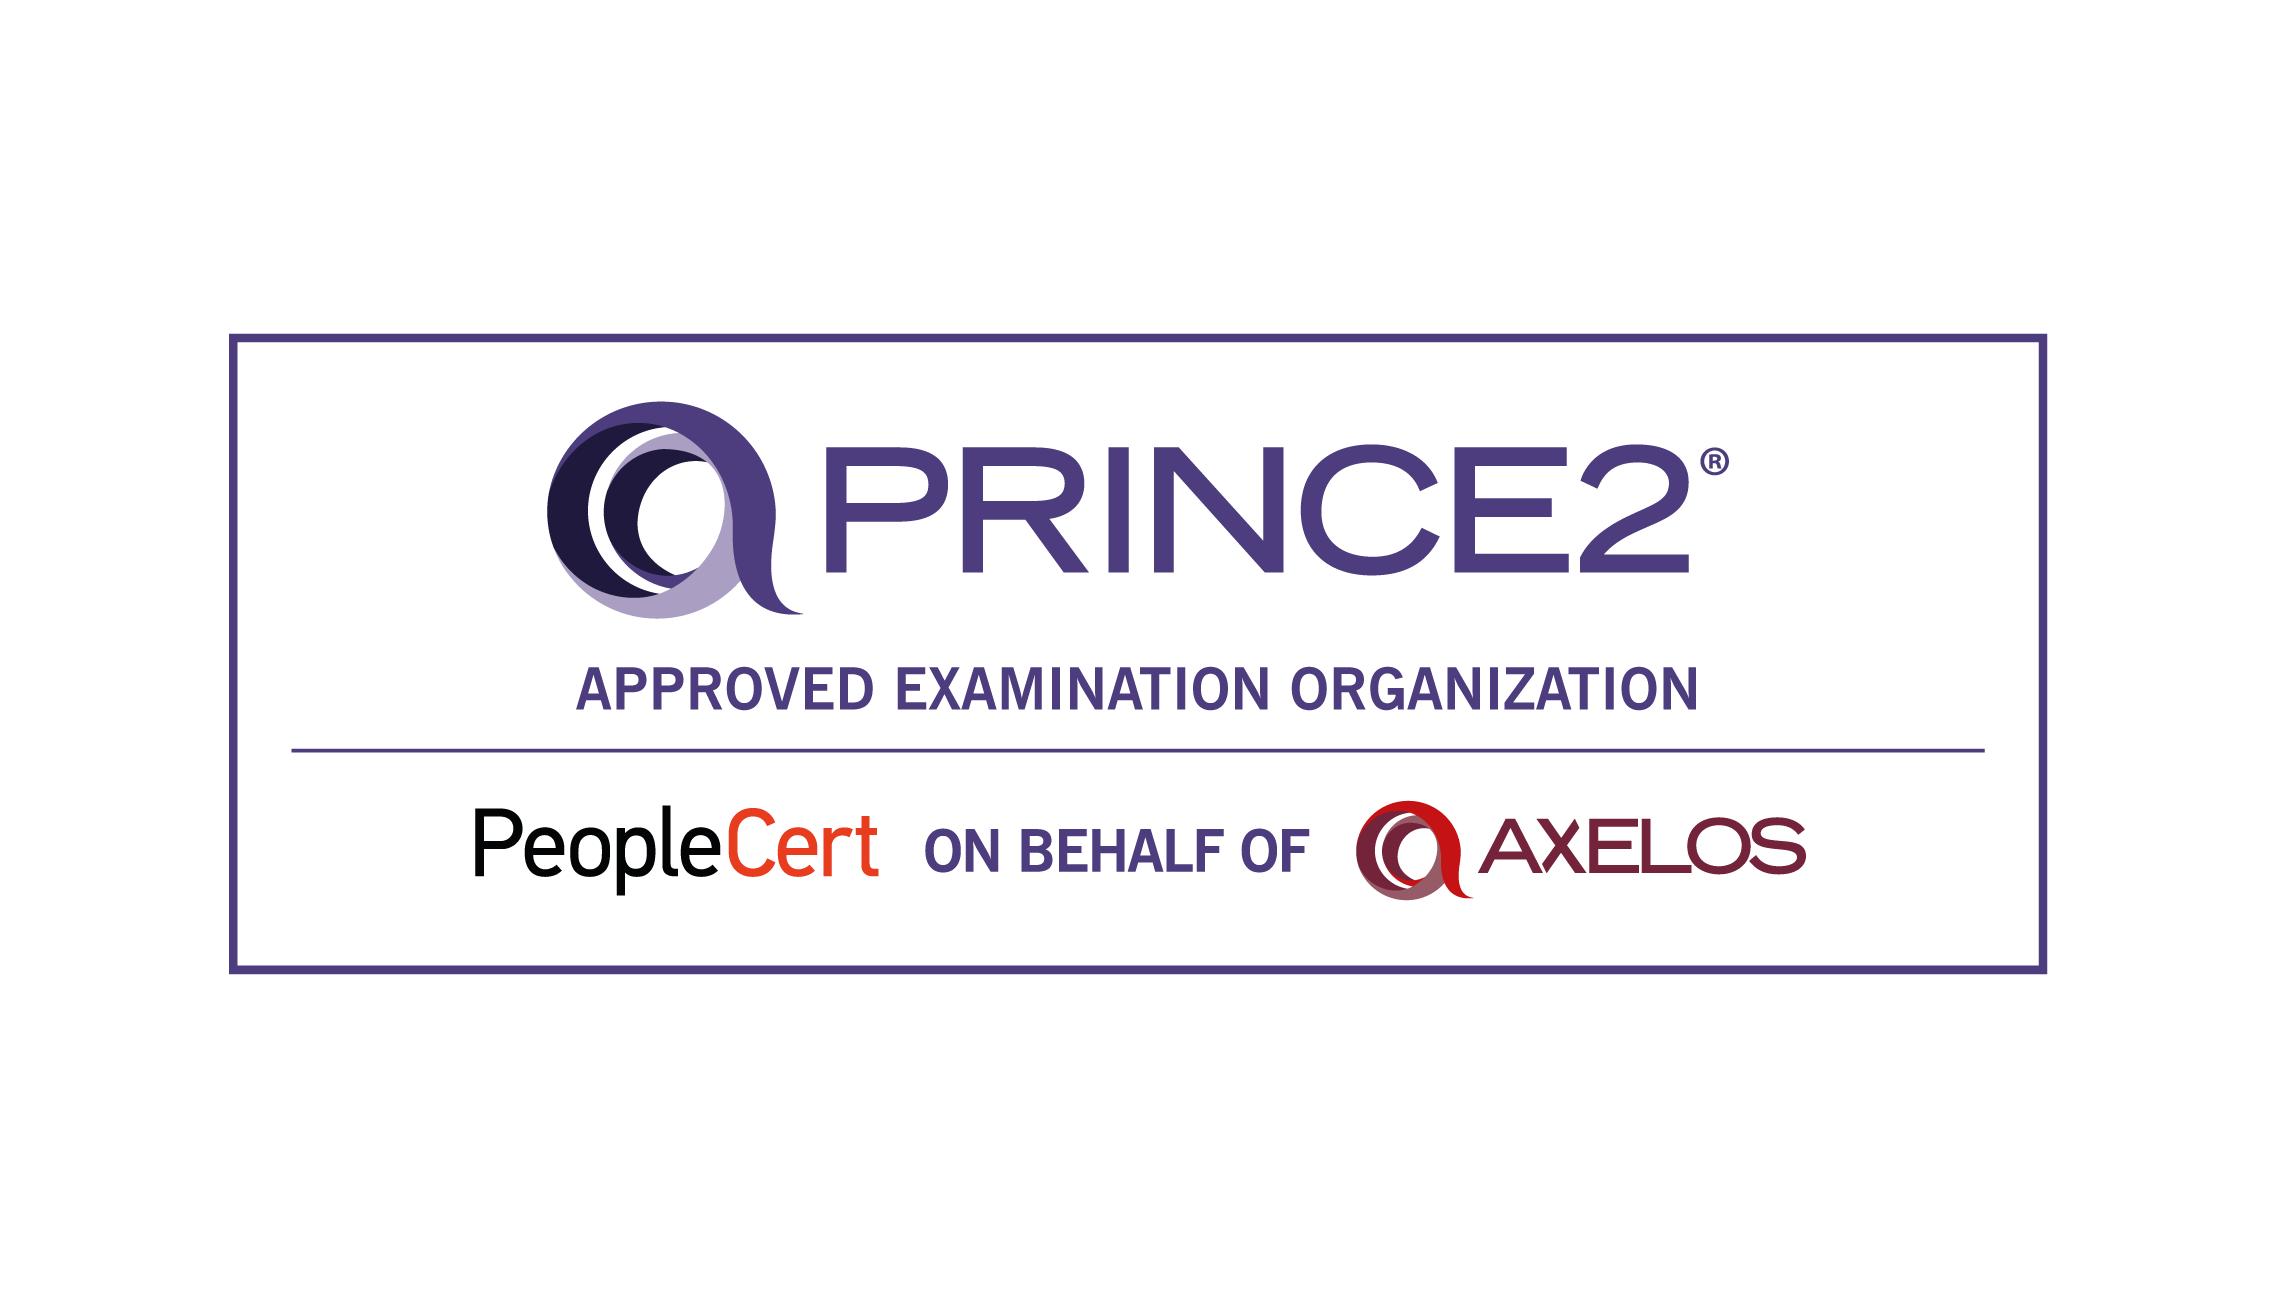 Portal do Treinamento - Centro de Certificação Prince2 acreditado pela PeopleCert em nome da Axelos